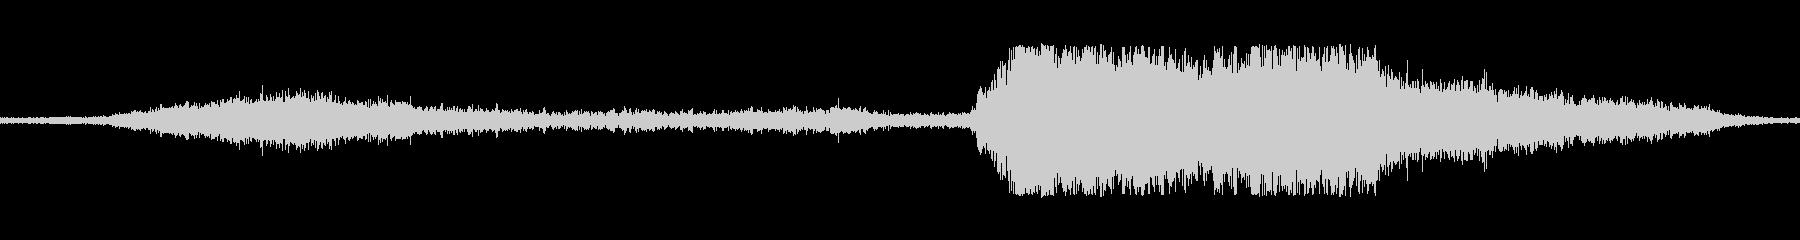 ジェットパスランブルテールスローの未再生の波形